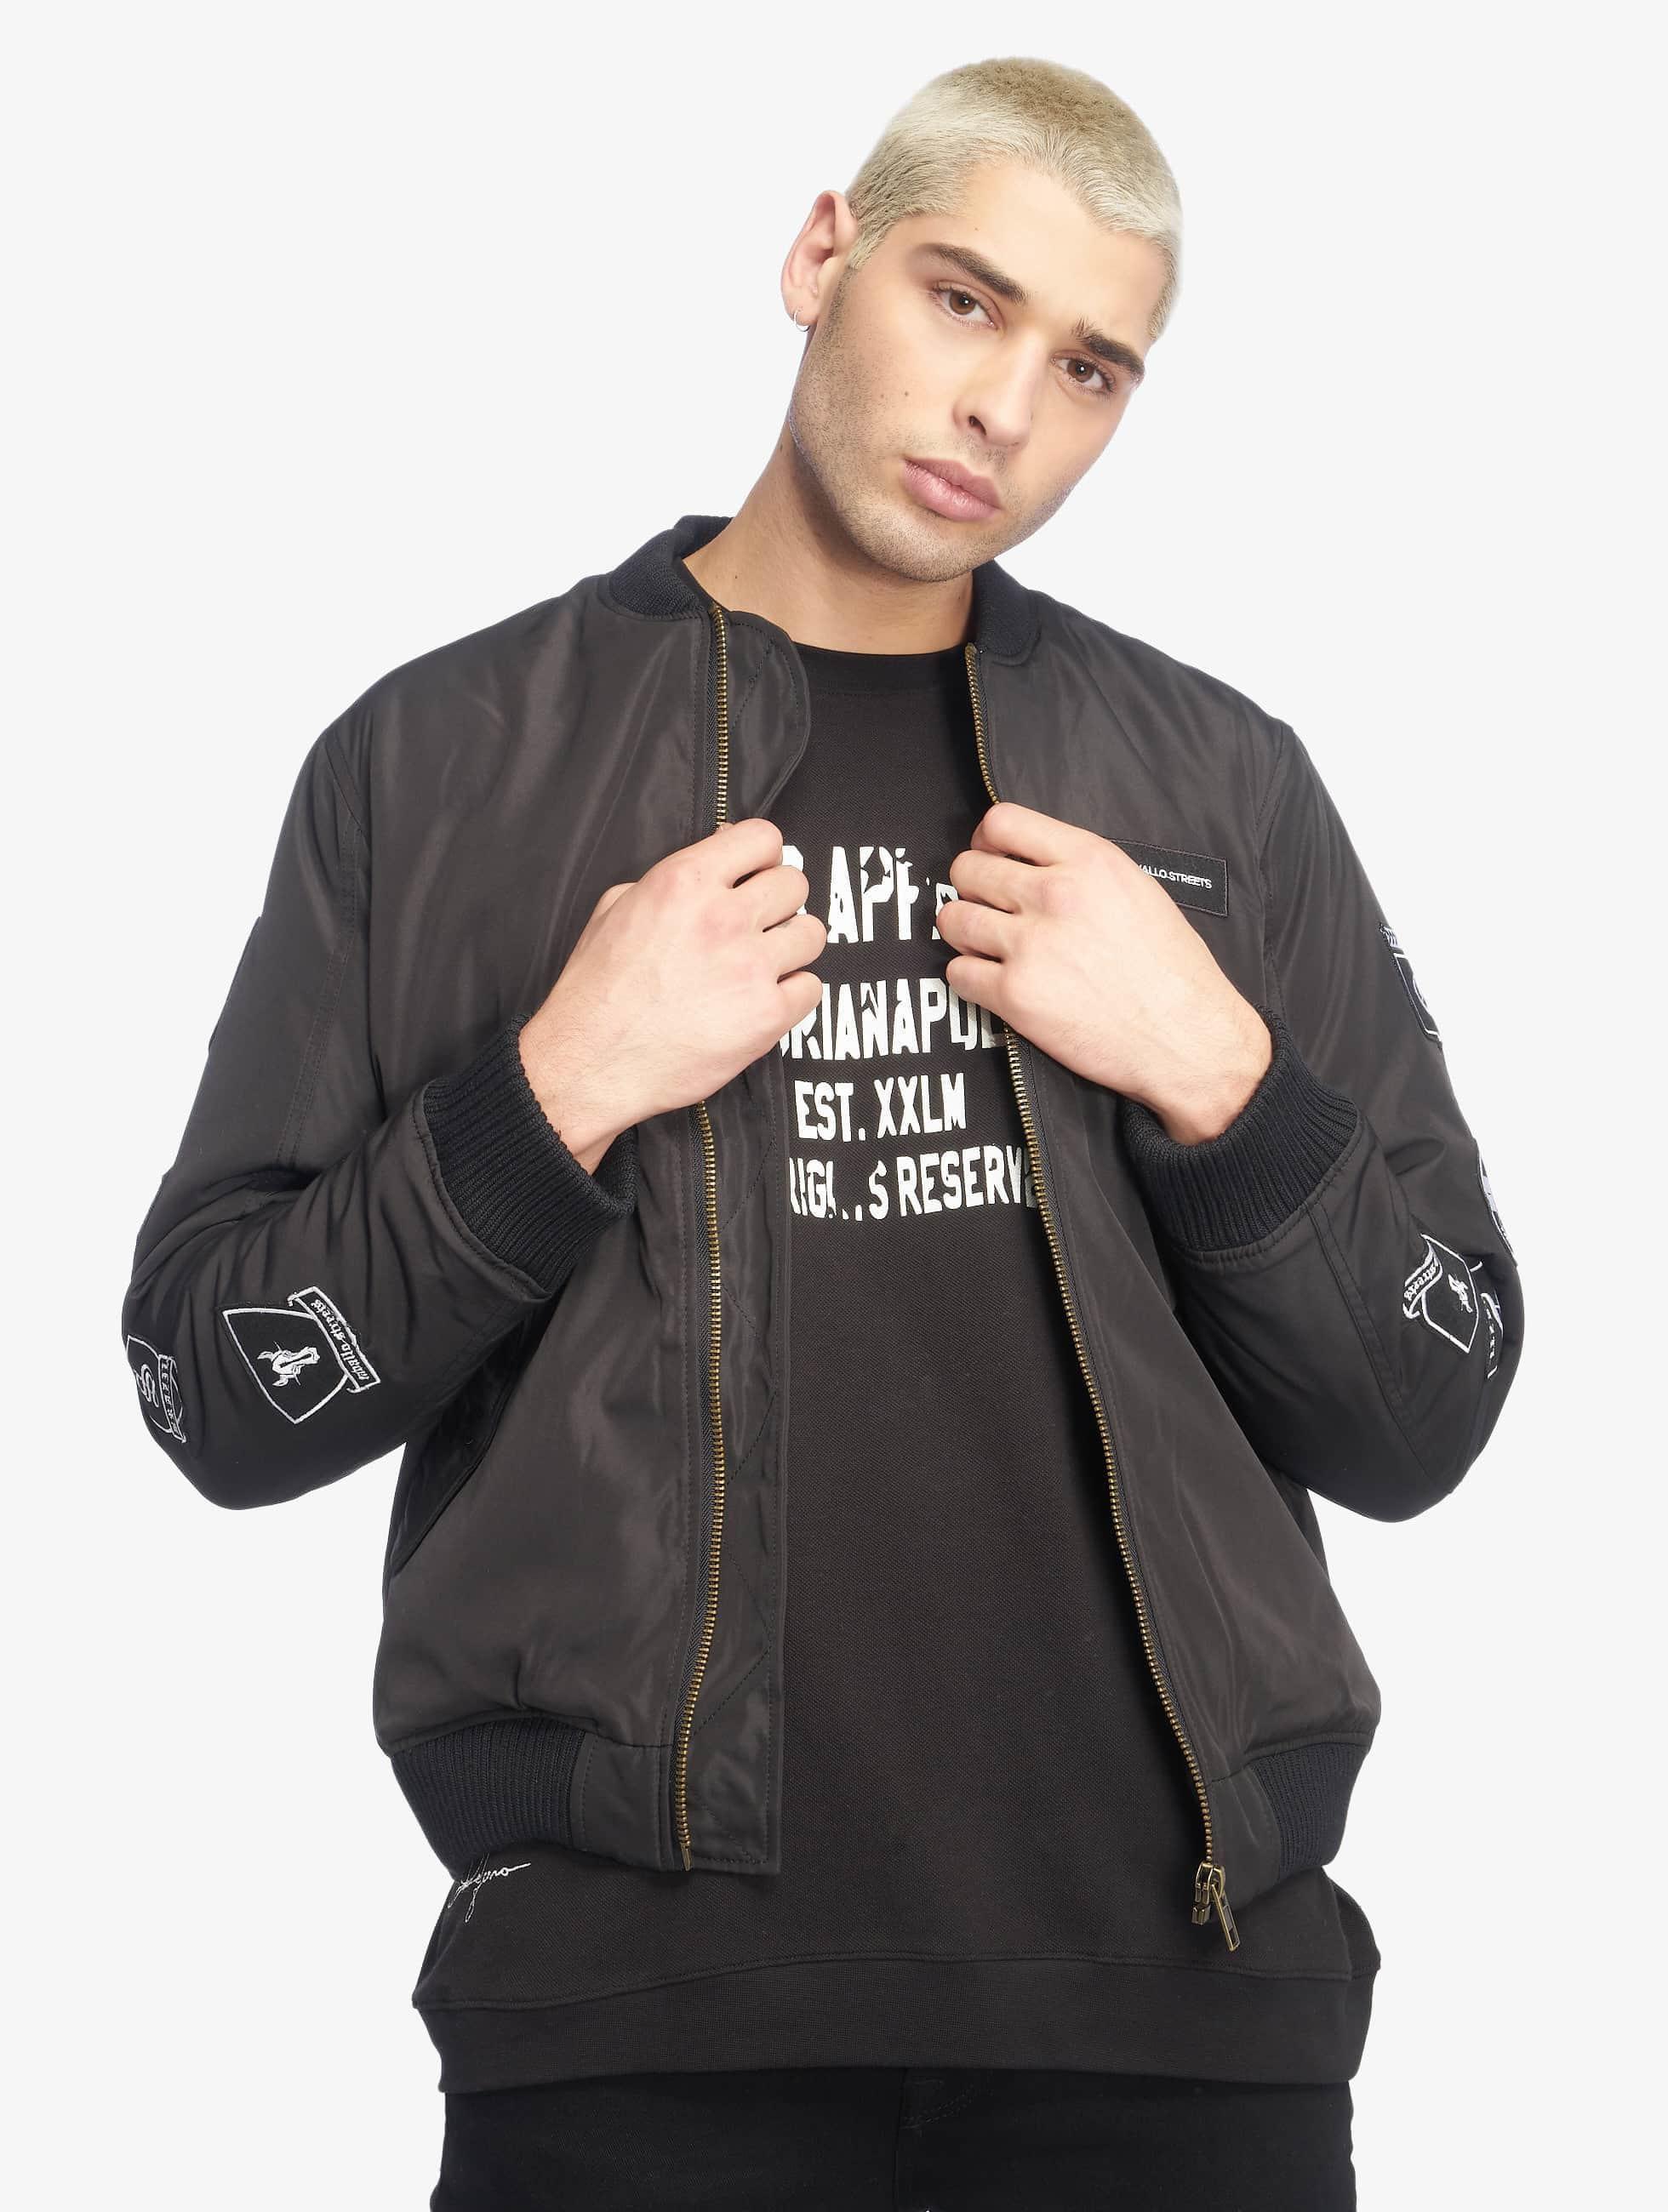 Cavallo de Ferro / Bomber jacket Stereo in black XL